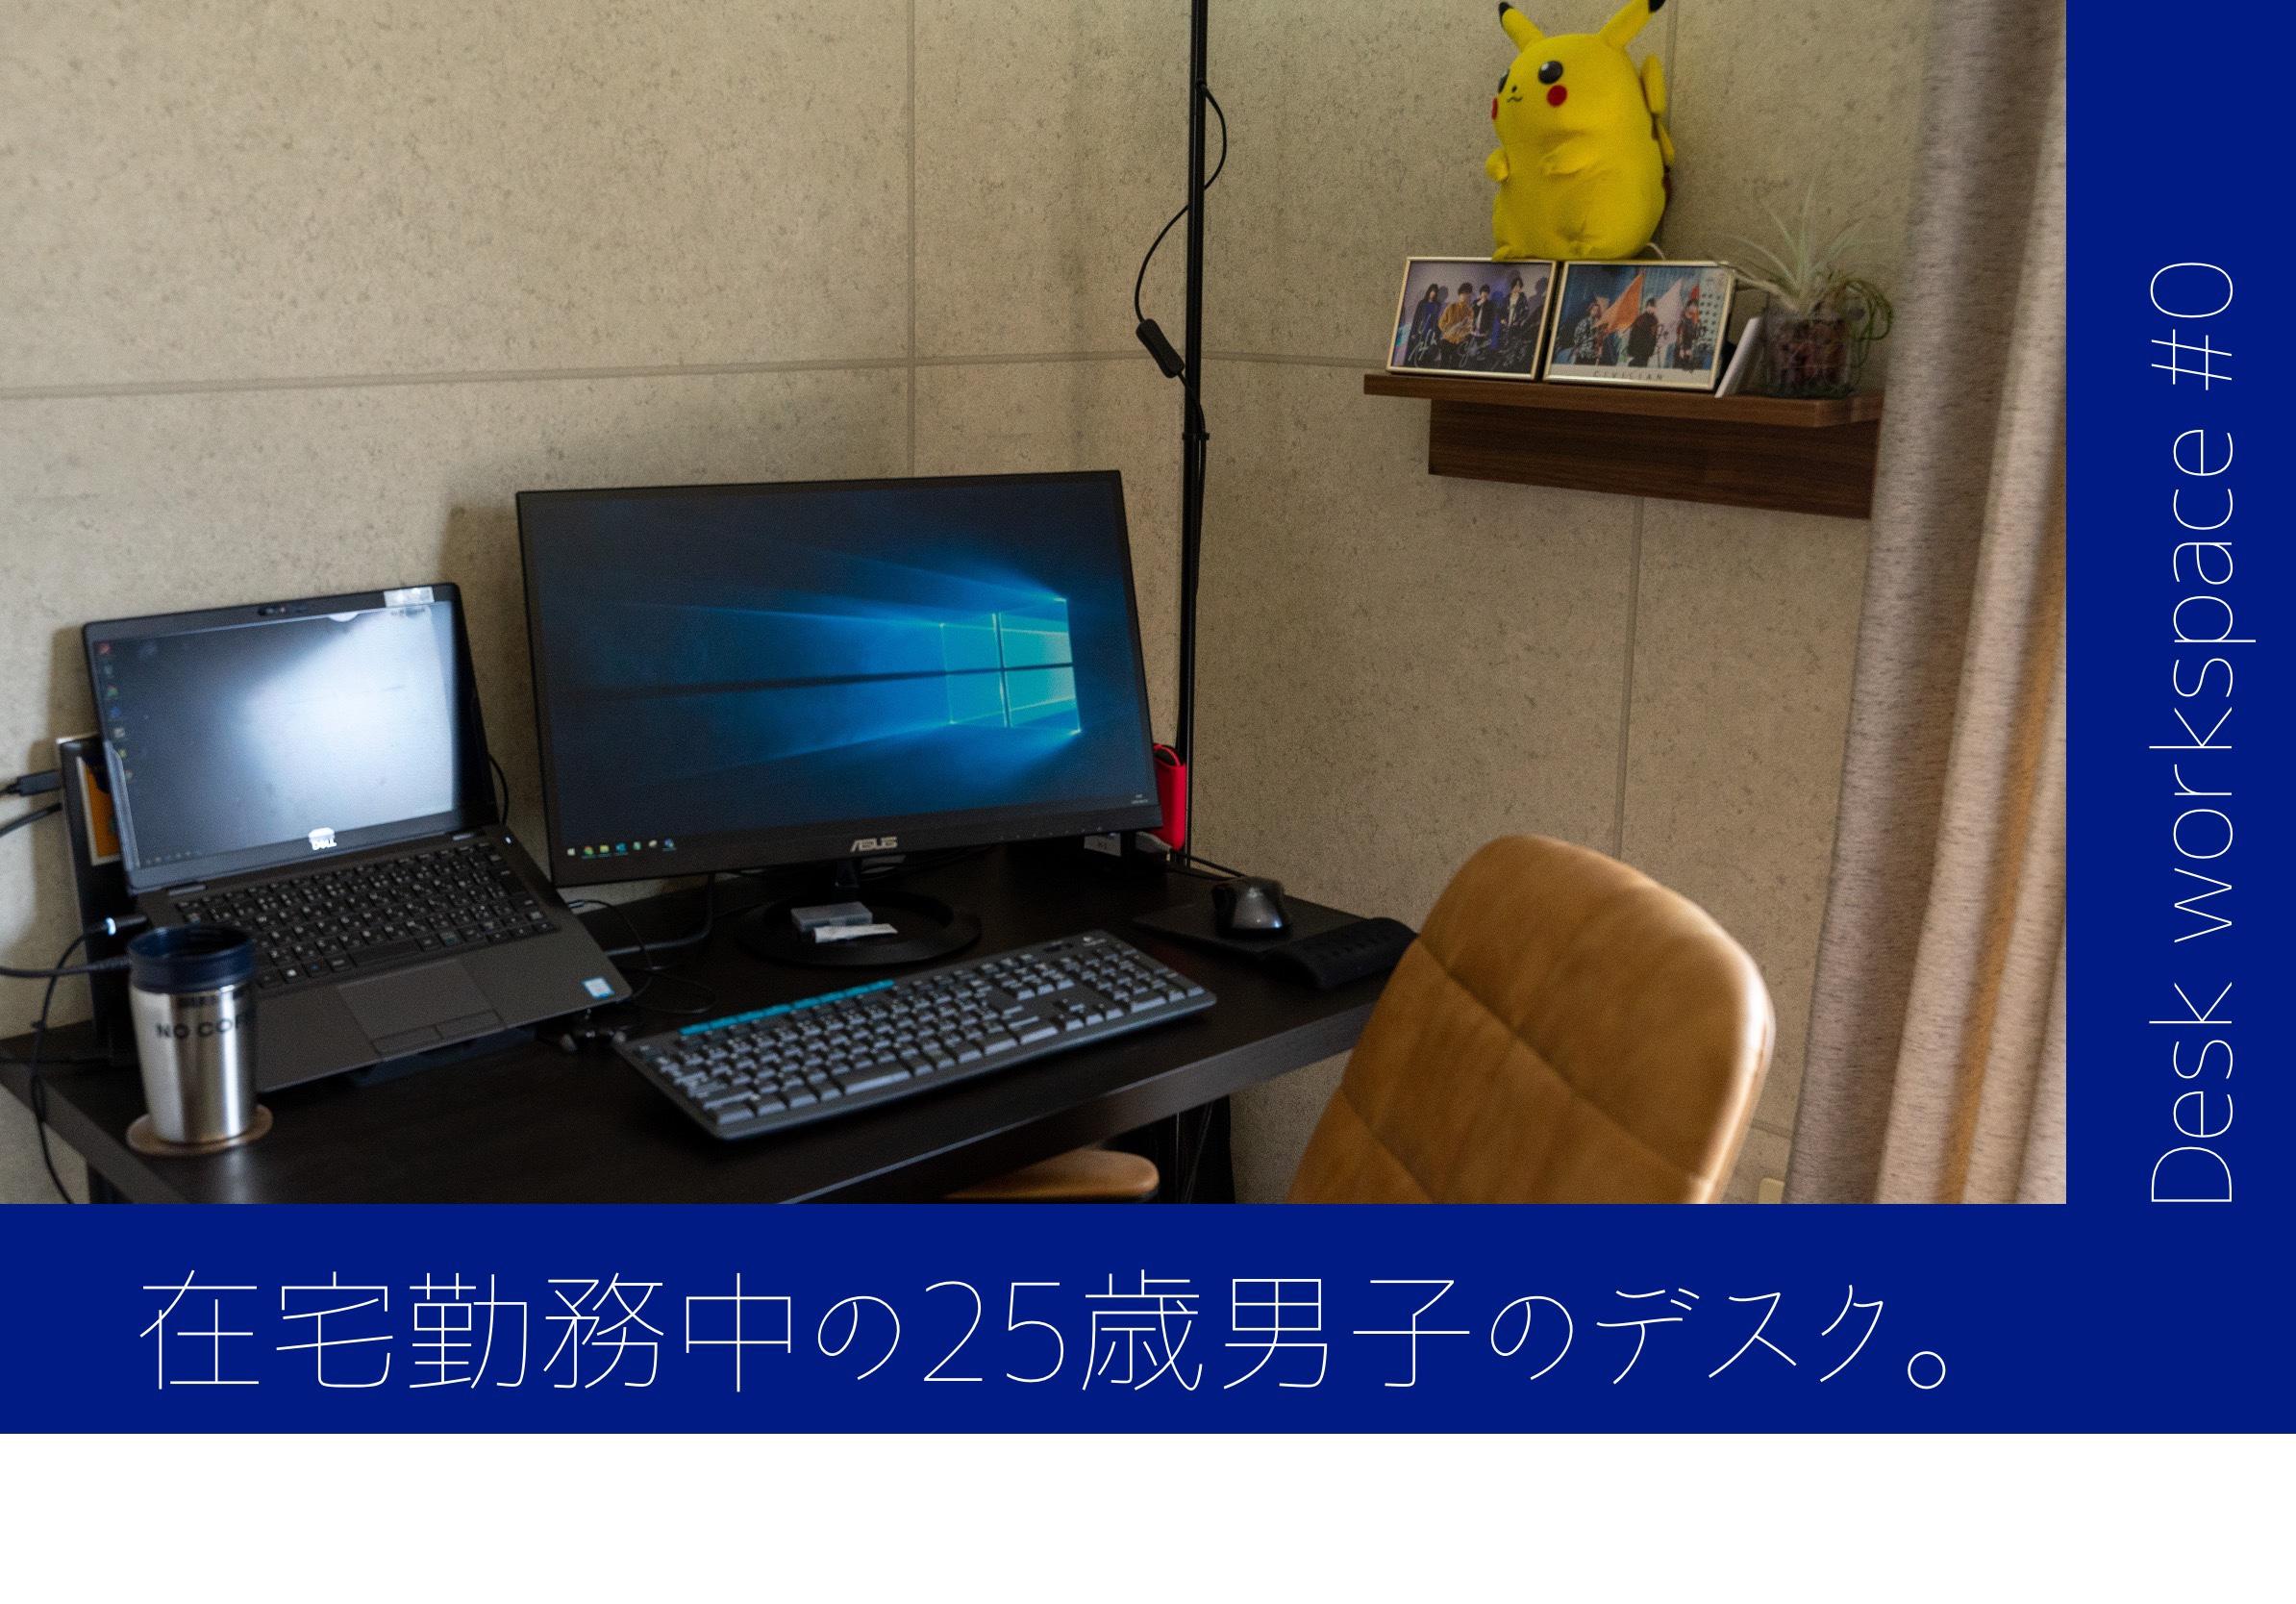 【デスク作業環境 #0】ちょっとPCが好きな25歳男性の一般的な在宅勤務デスク。